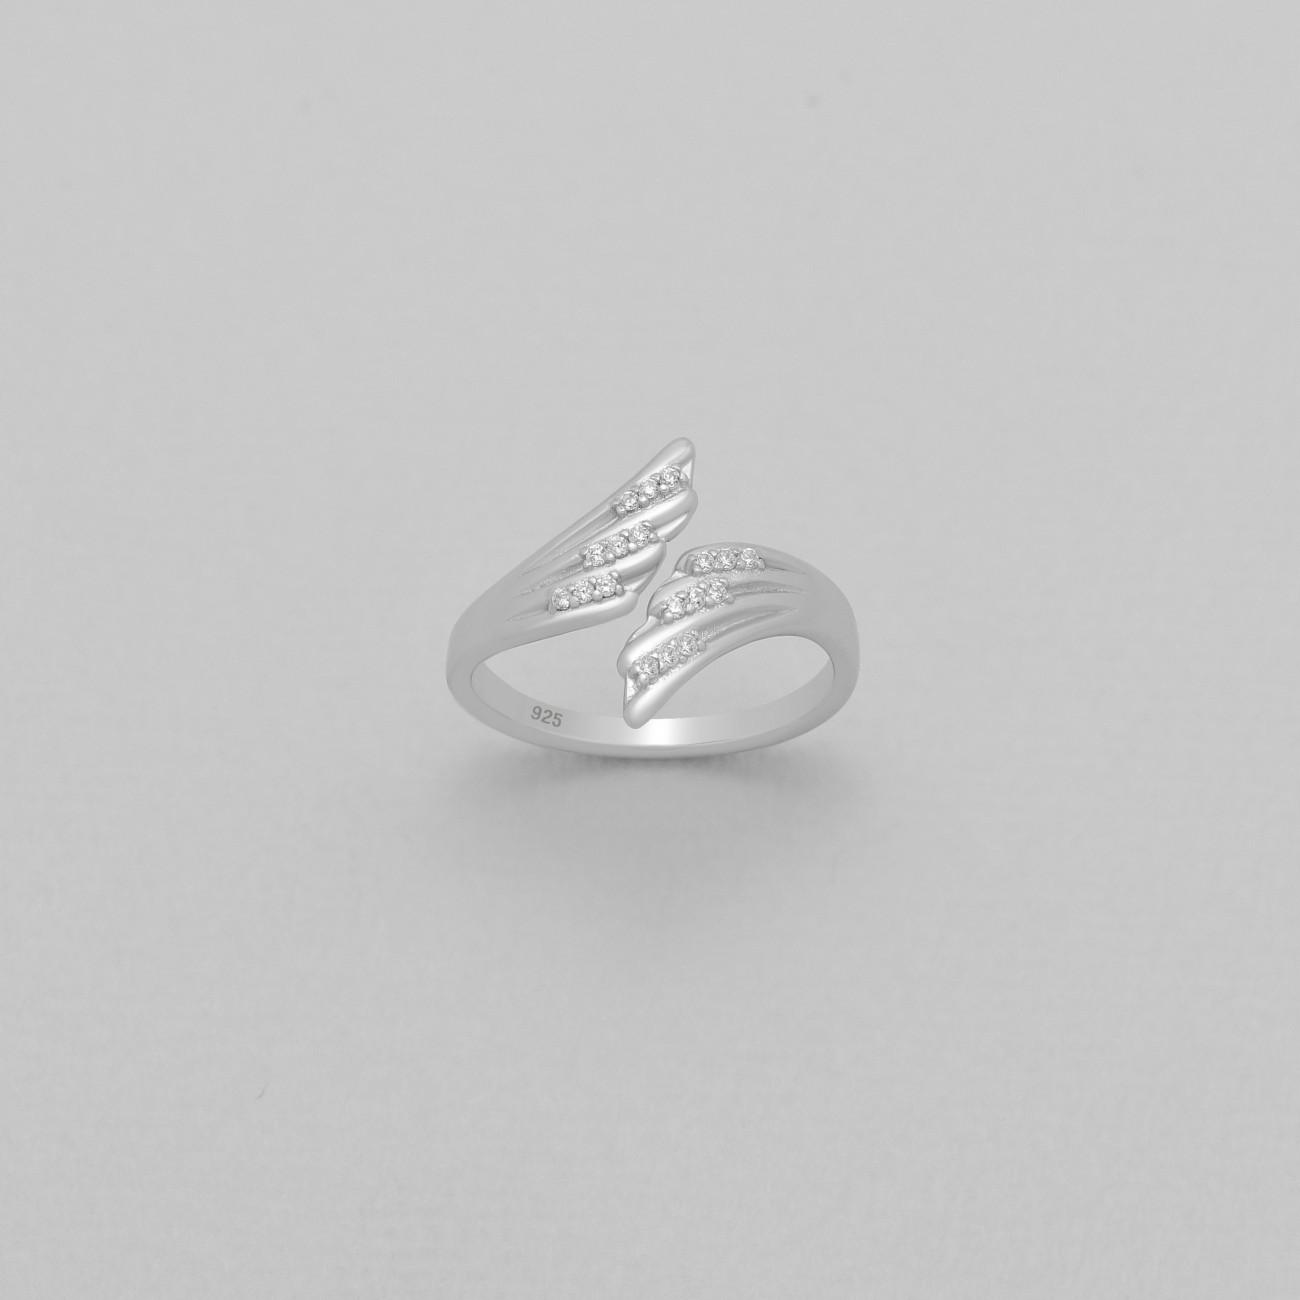 Luxusní, stříbrný prstýnek s křídly a zirkony